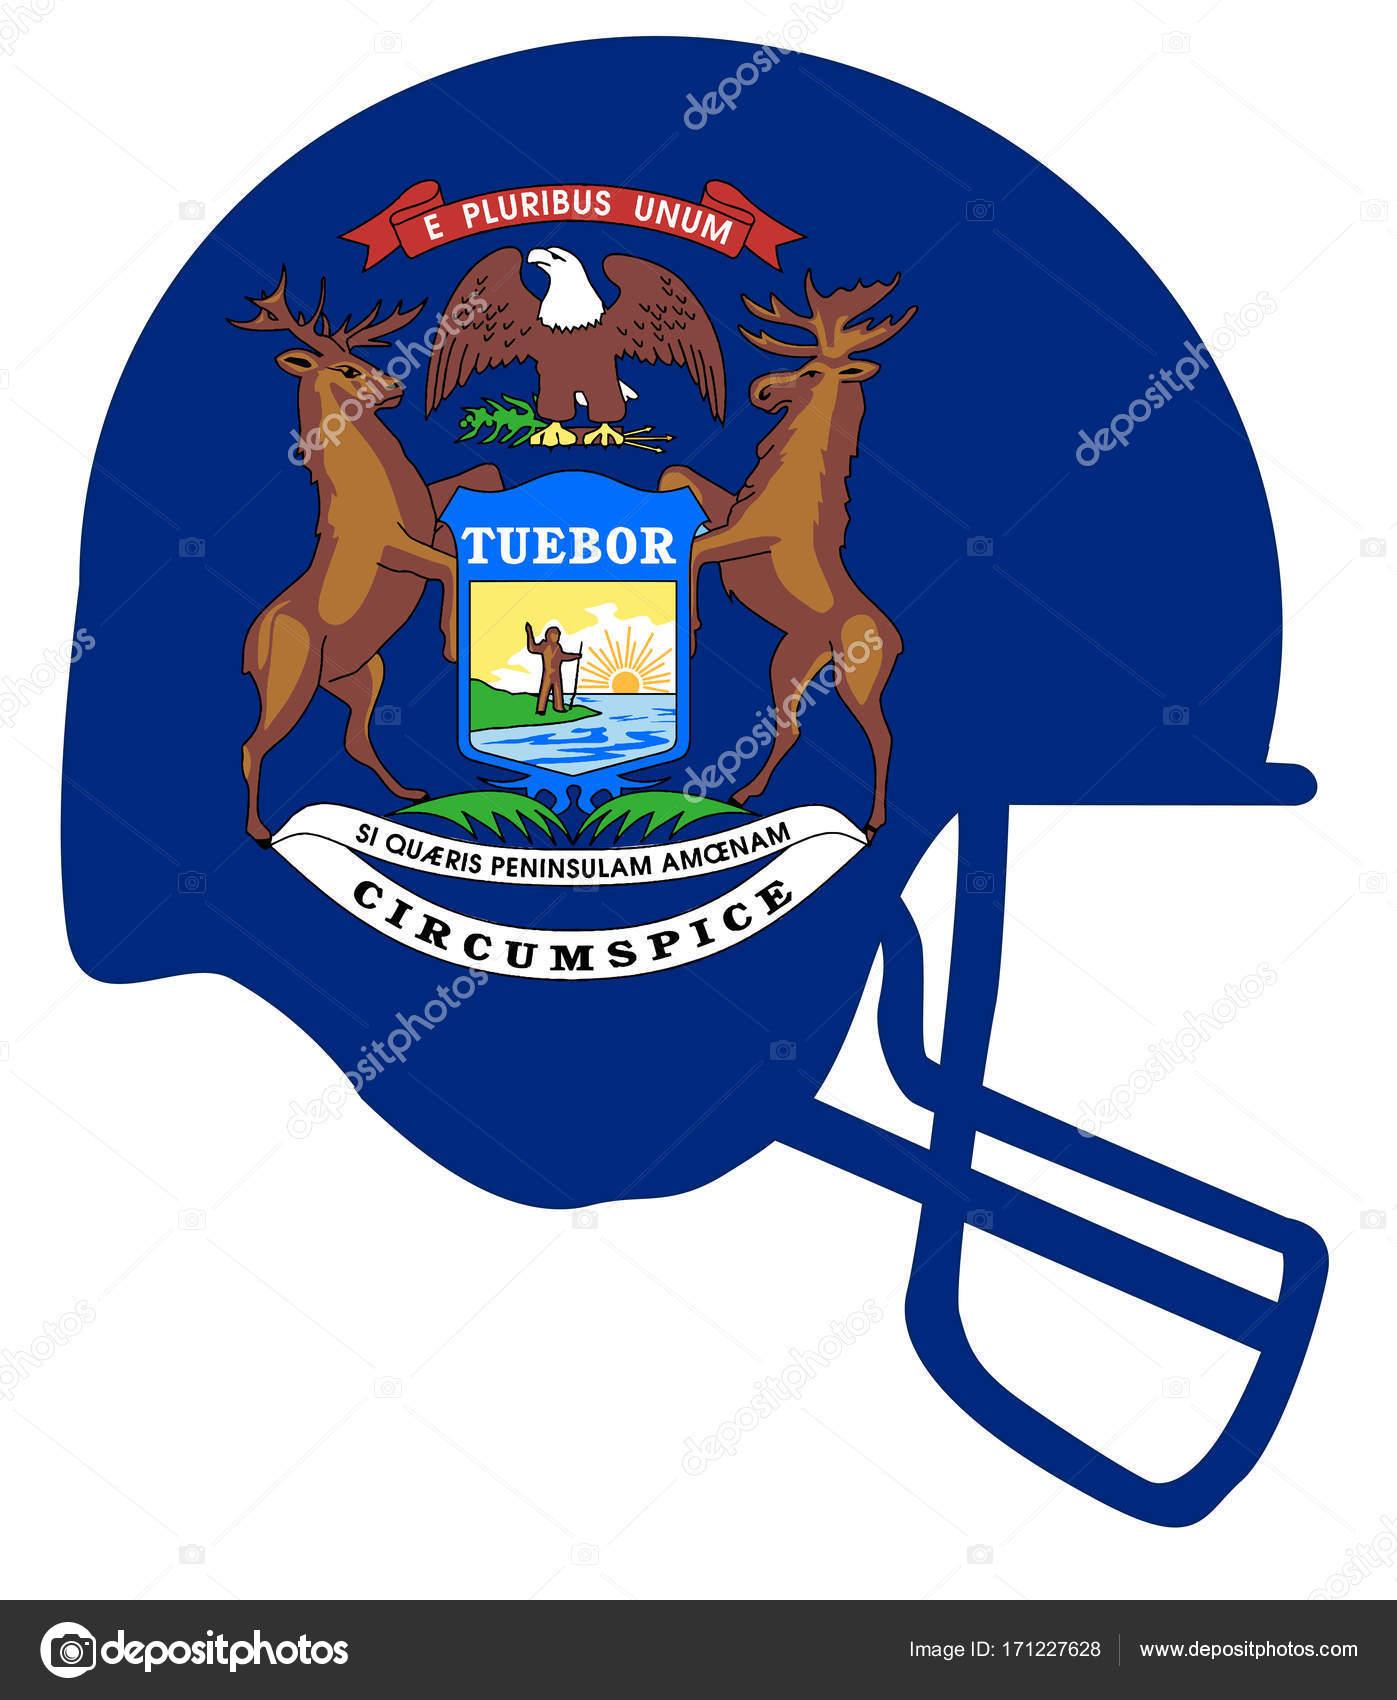 Casco de fútbol americano de bandera de estado de Michigan — Archivo ...